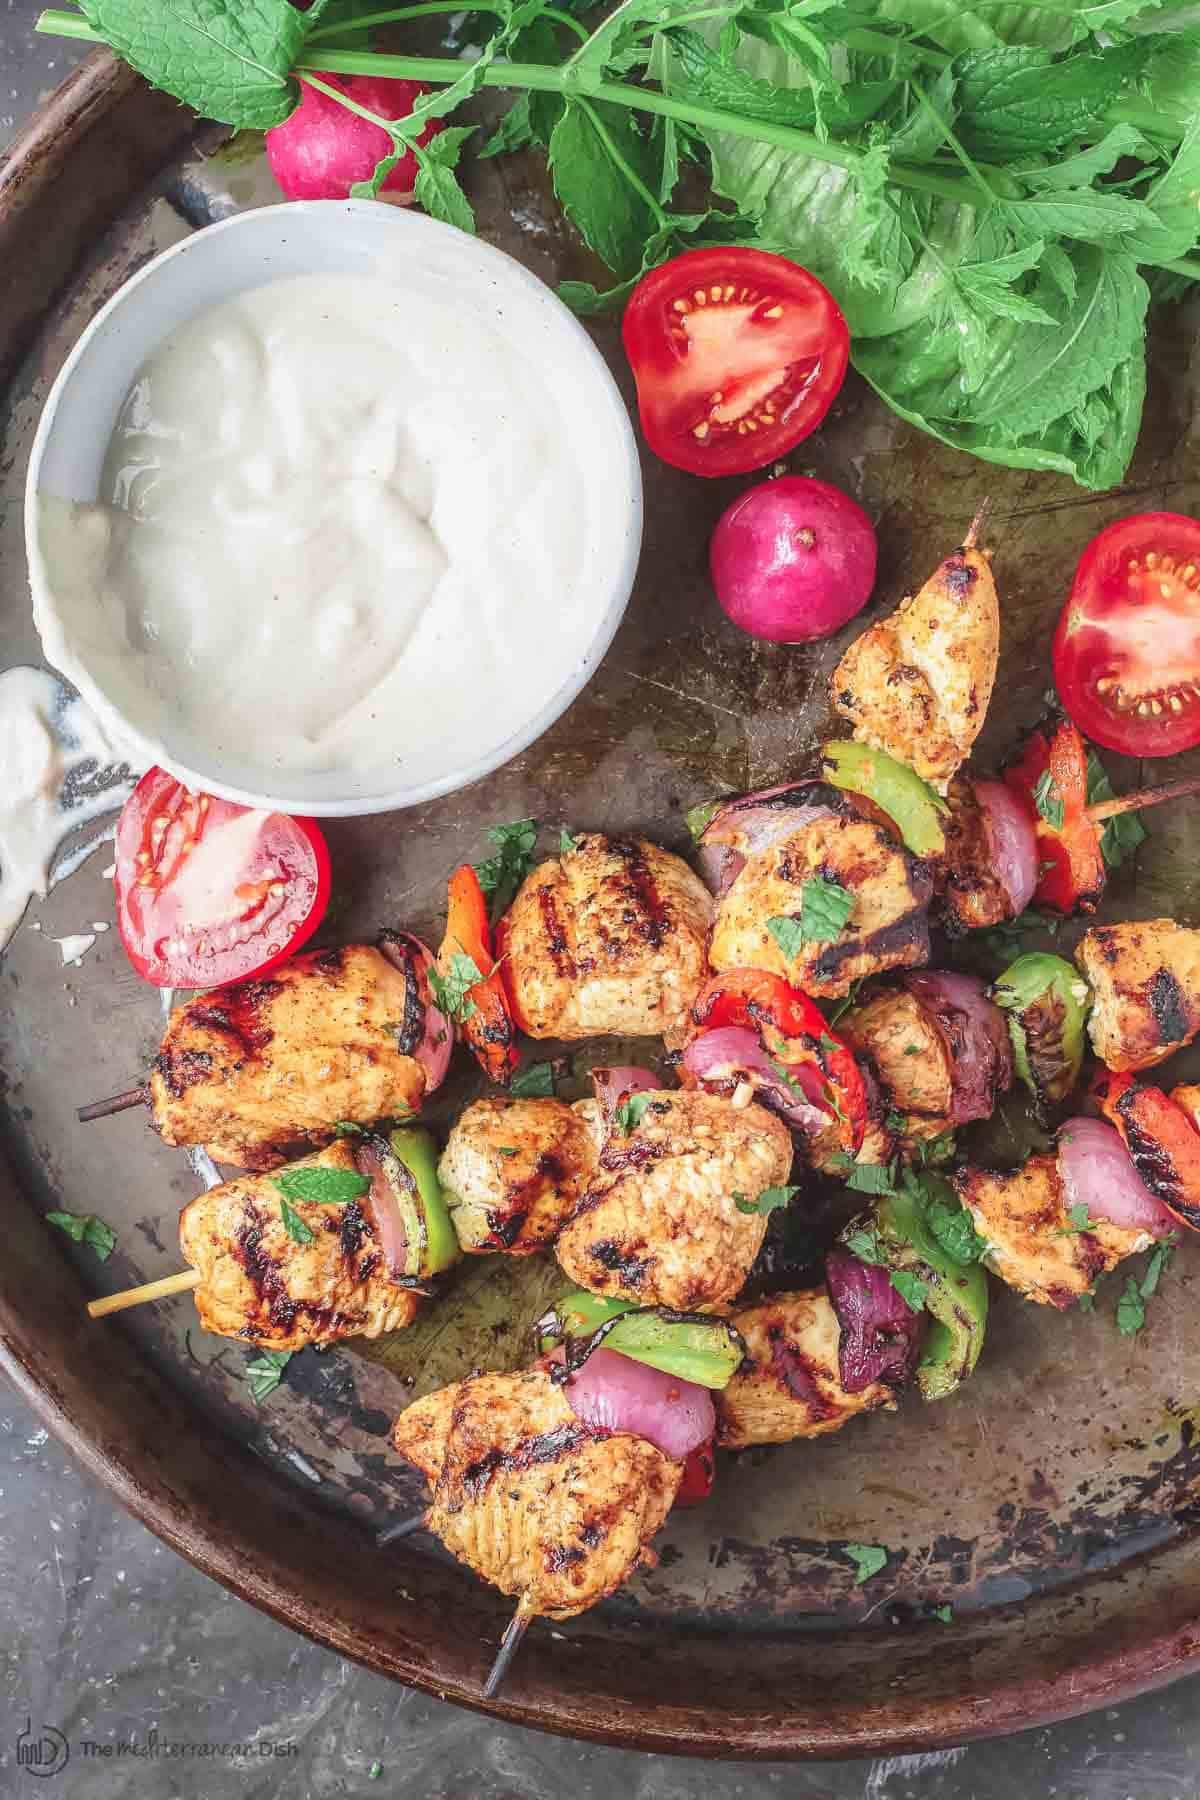 Mediterranean Grilled Chicken Kabobs Recipe Cayenne Tahini Sauce Make Chicken Kabobs Like A Mediterranean